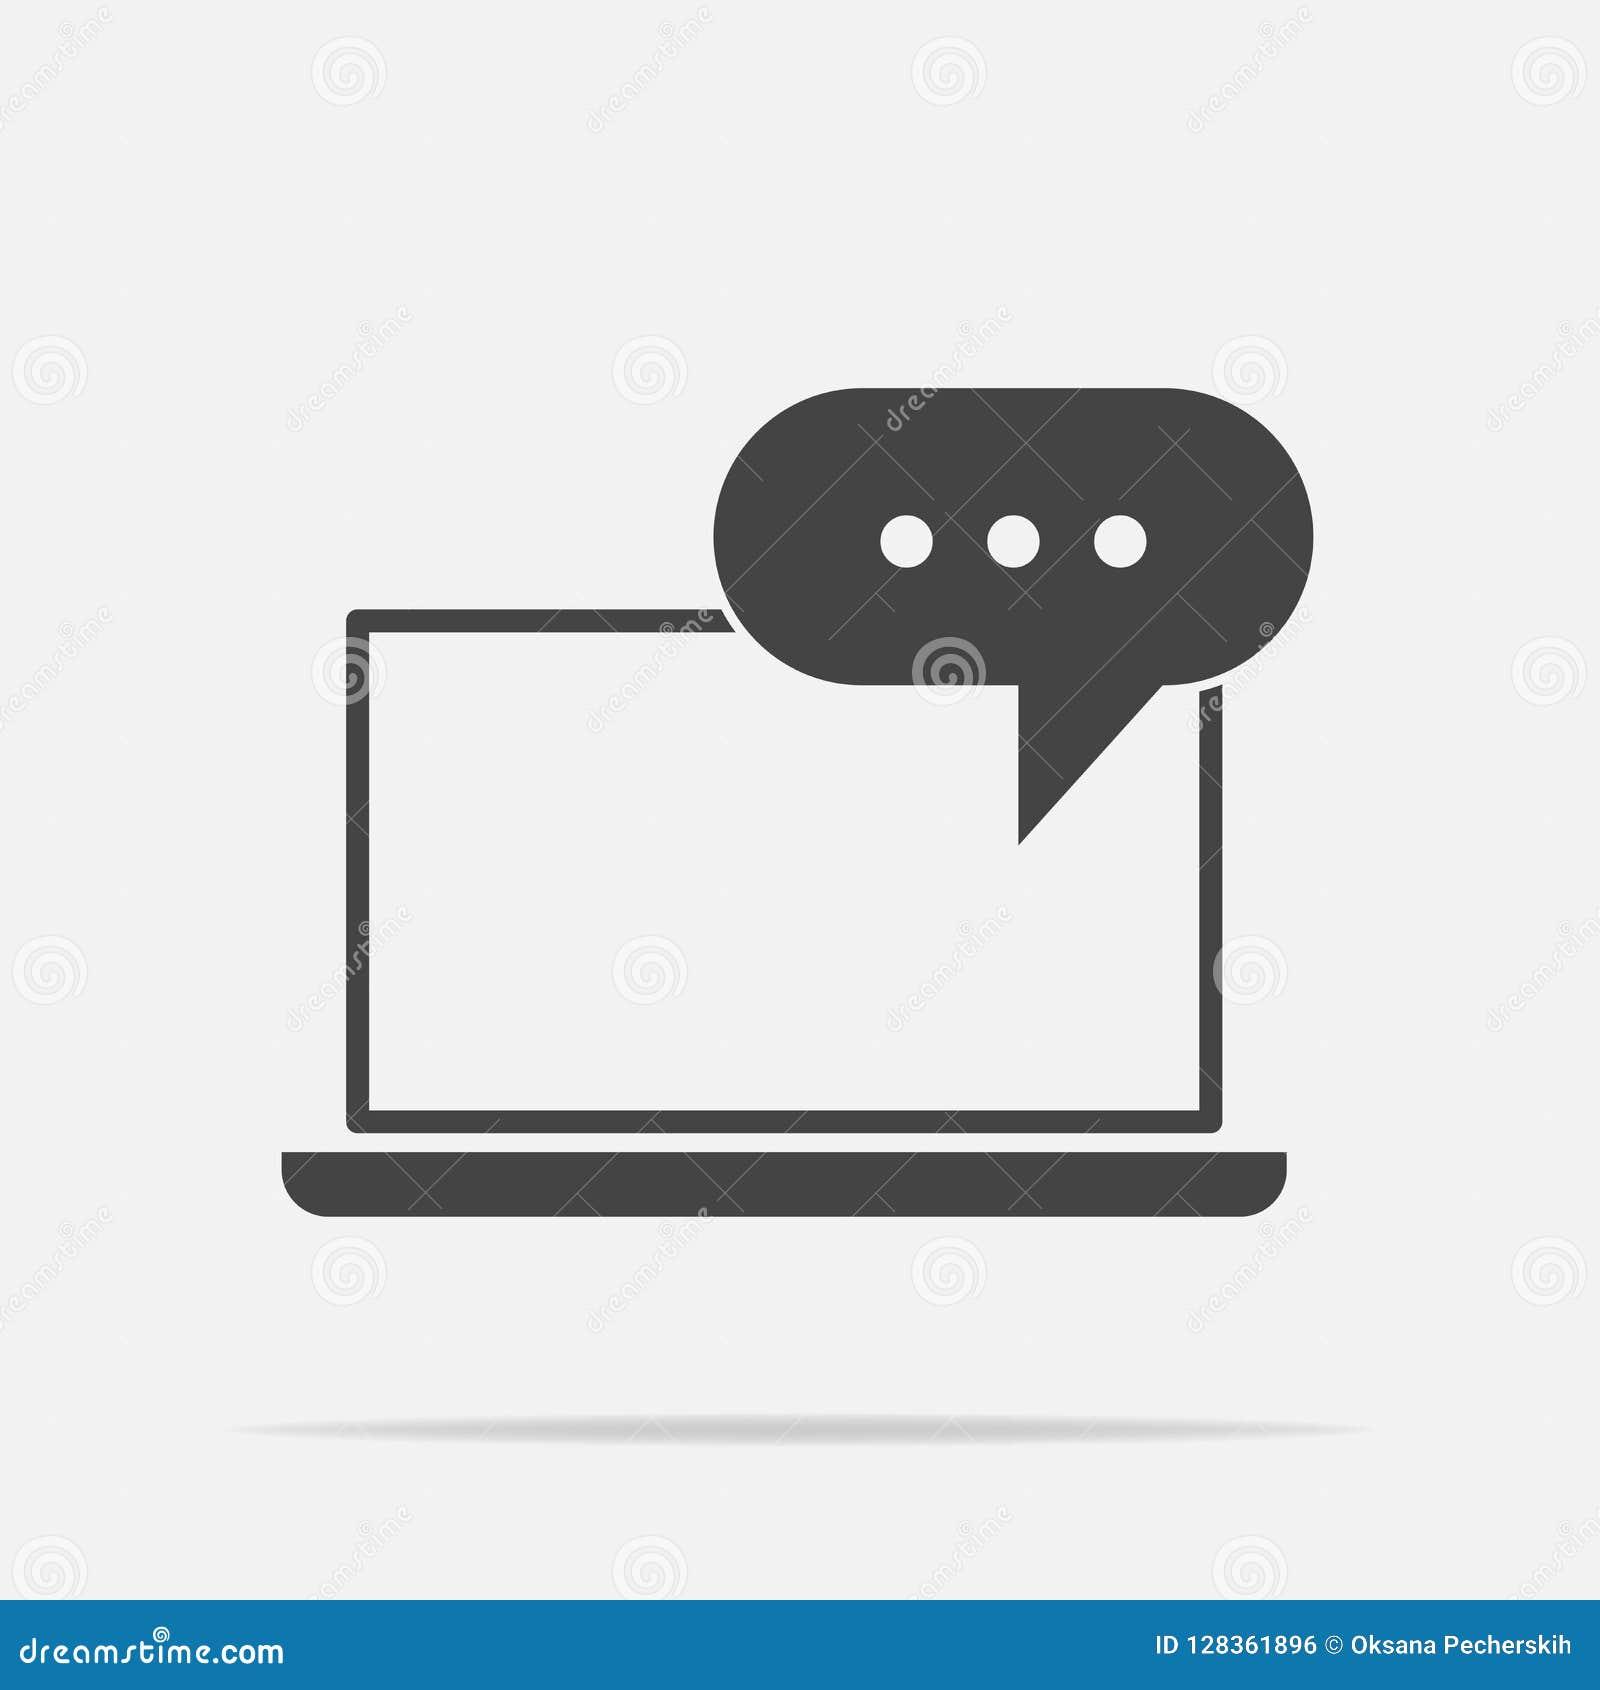 Onlinego szkolenia ikona Daleki sieci szkolenie Symbol online lear